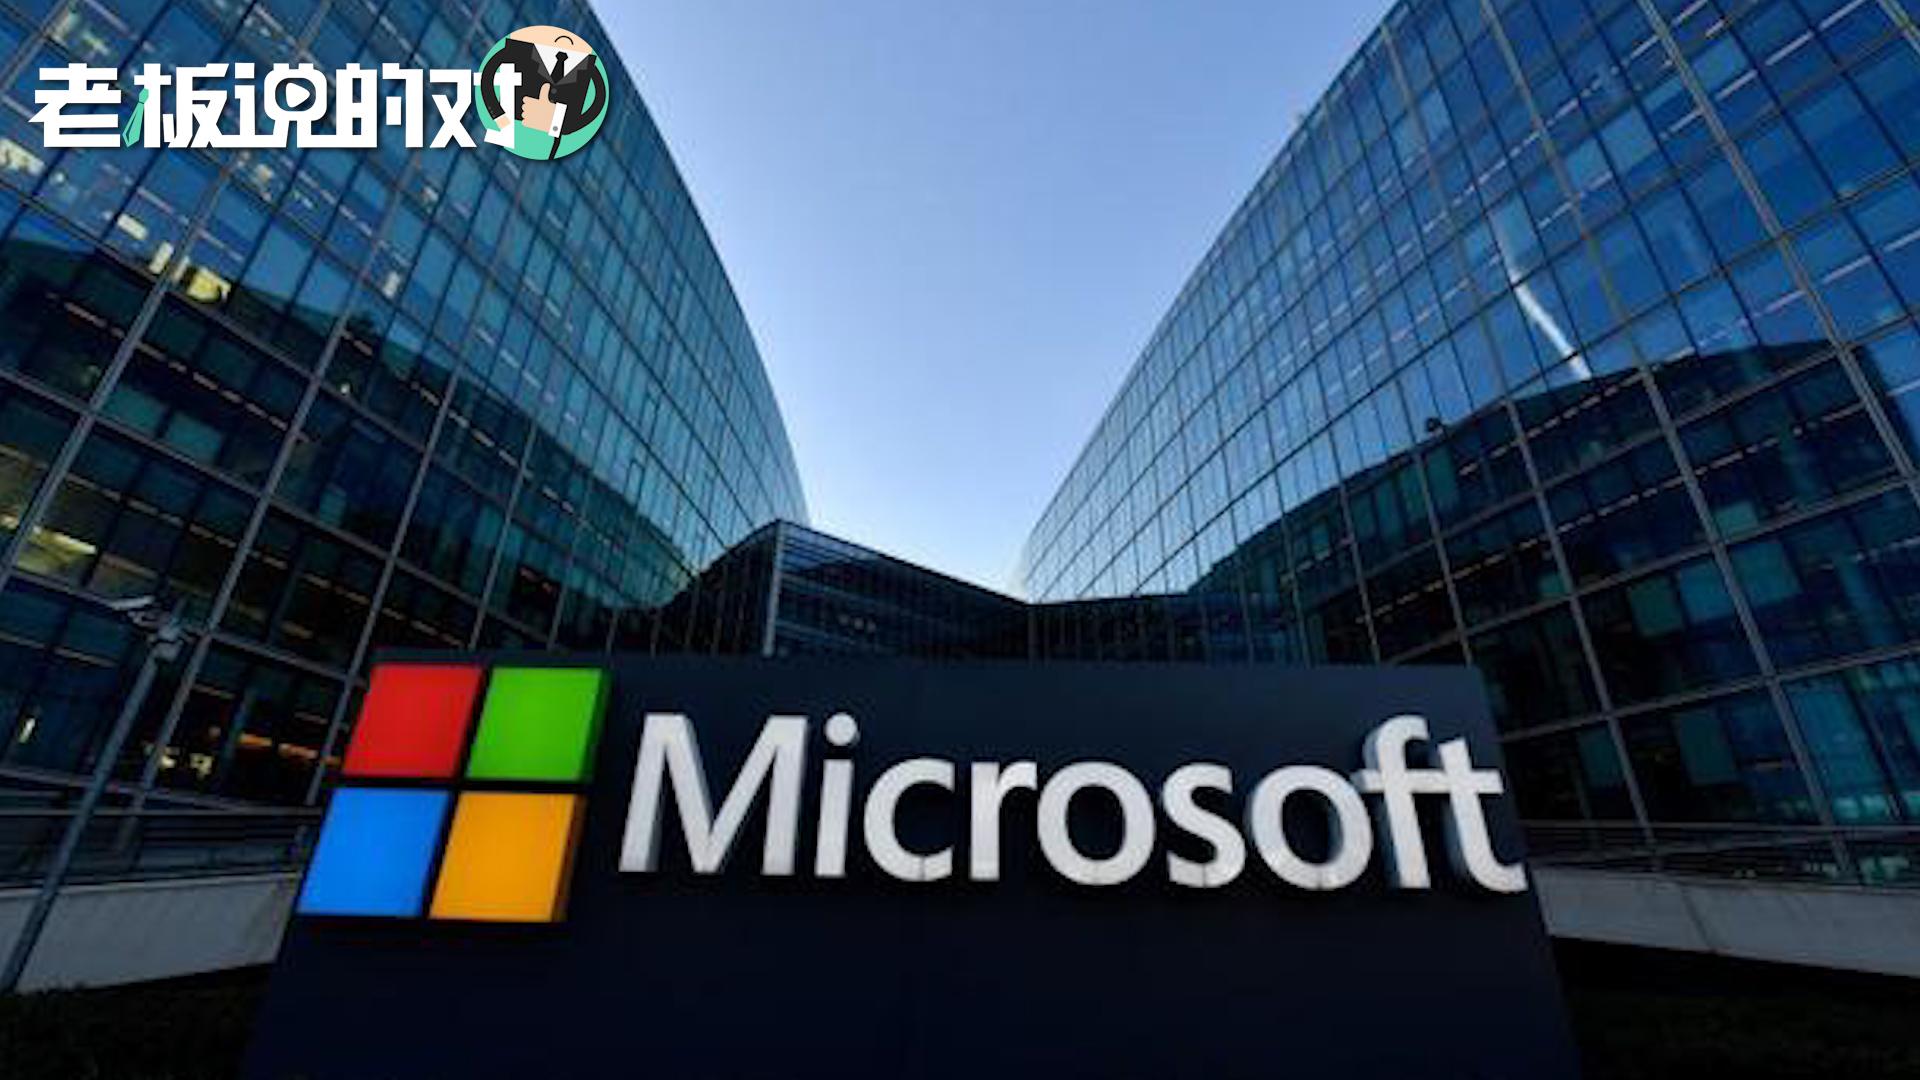 """微软着力""""硬件""""业务:意识到不能只看重软件!或要与苹果抗衡?"""